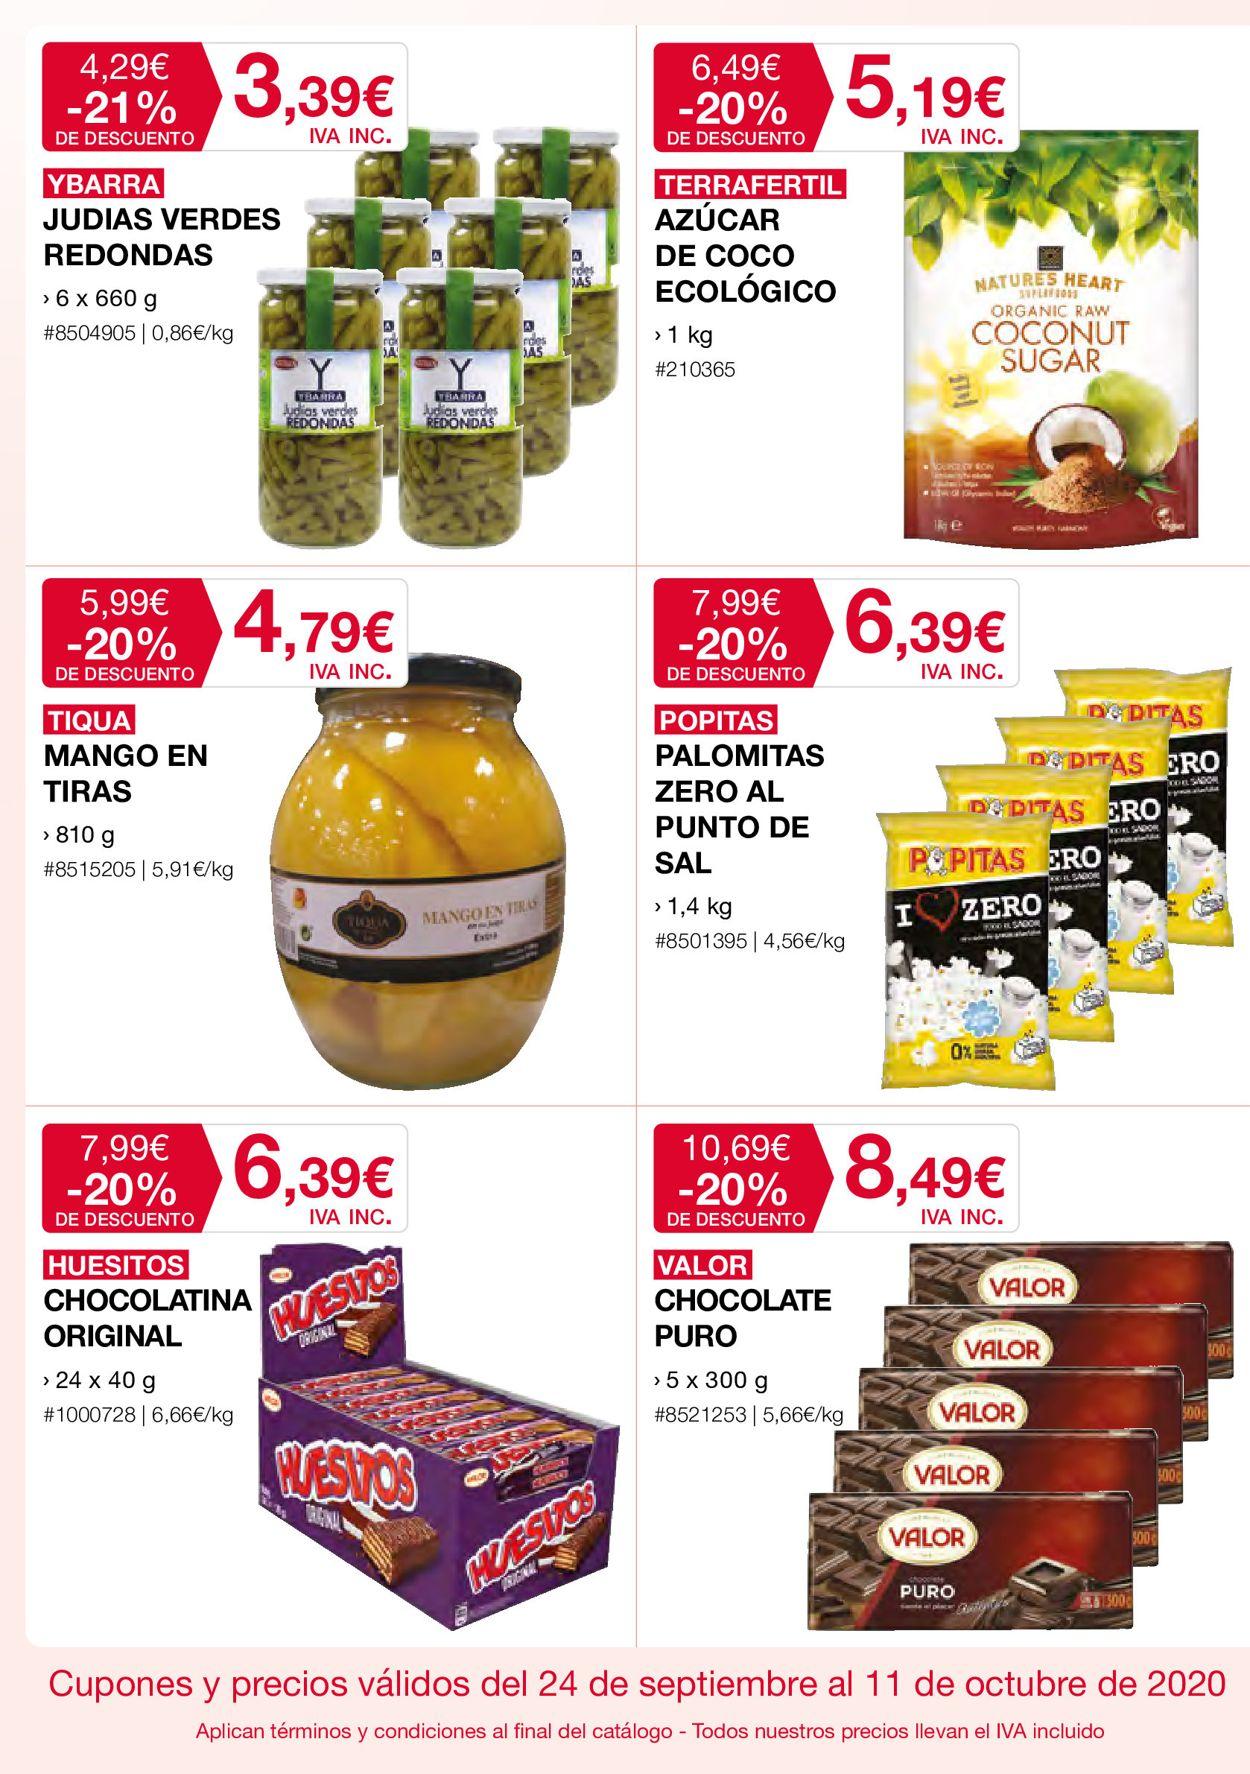 Costco Folleto - 24.09-11.10.2020 (Página 32)